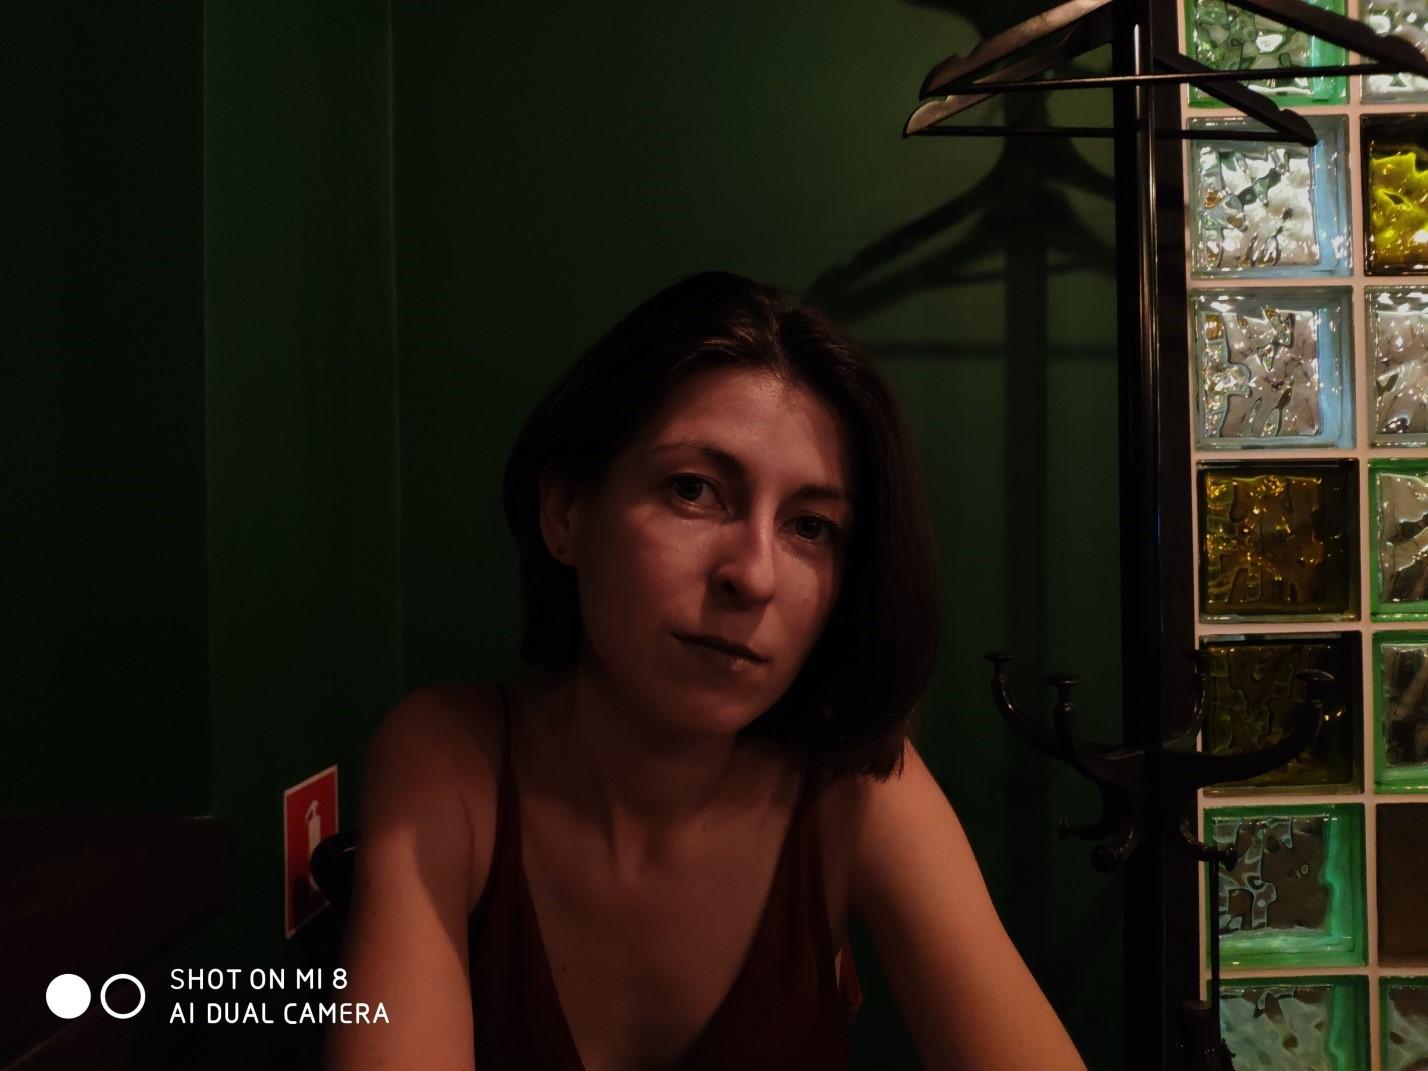 <Рис. 13 Основная камера - портрет>